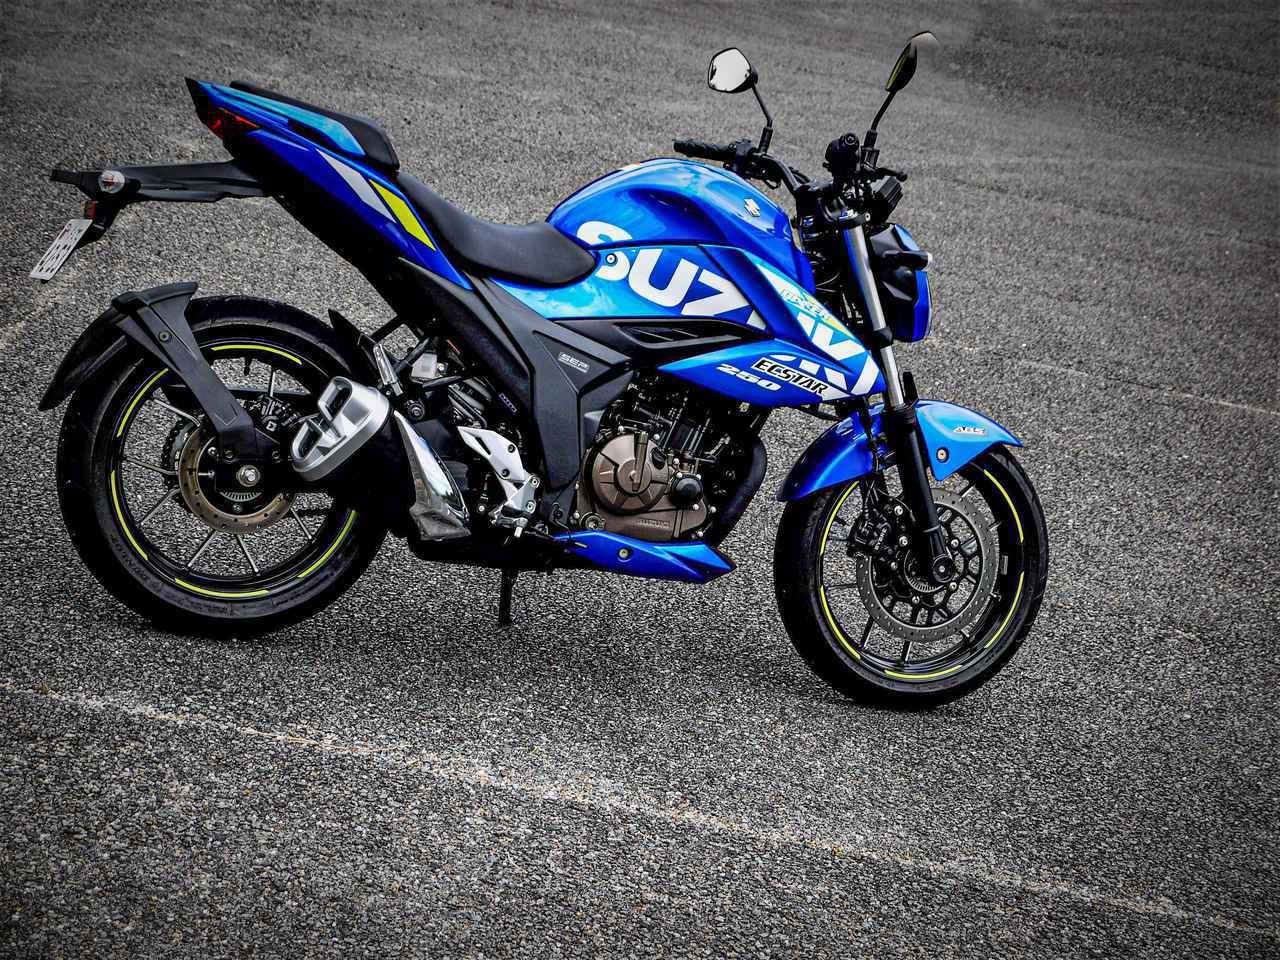 画像: 燃費王『ジクサー150』があれば十分じゃない? 250ccの『ジクサー250』って、どんなバイクなんだ? - スズキのバイク!